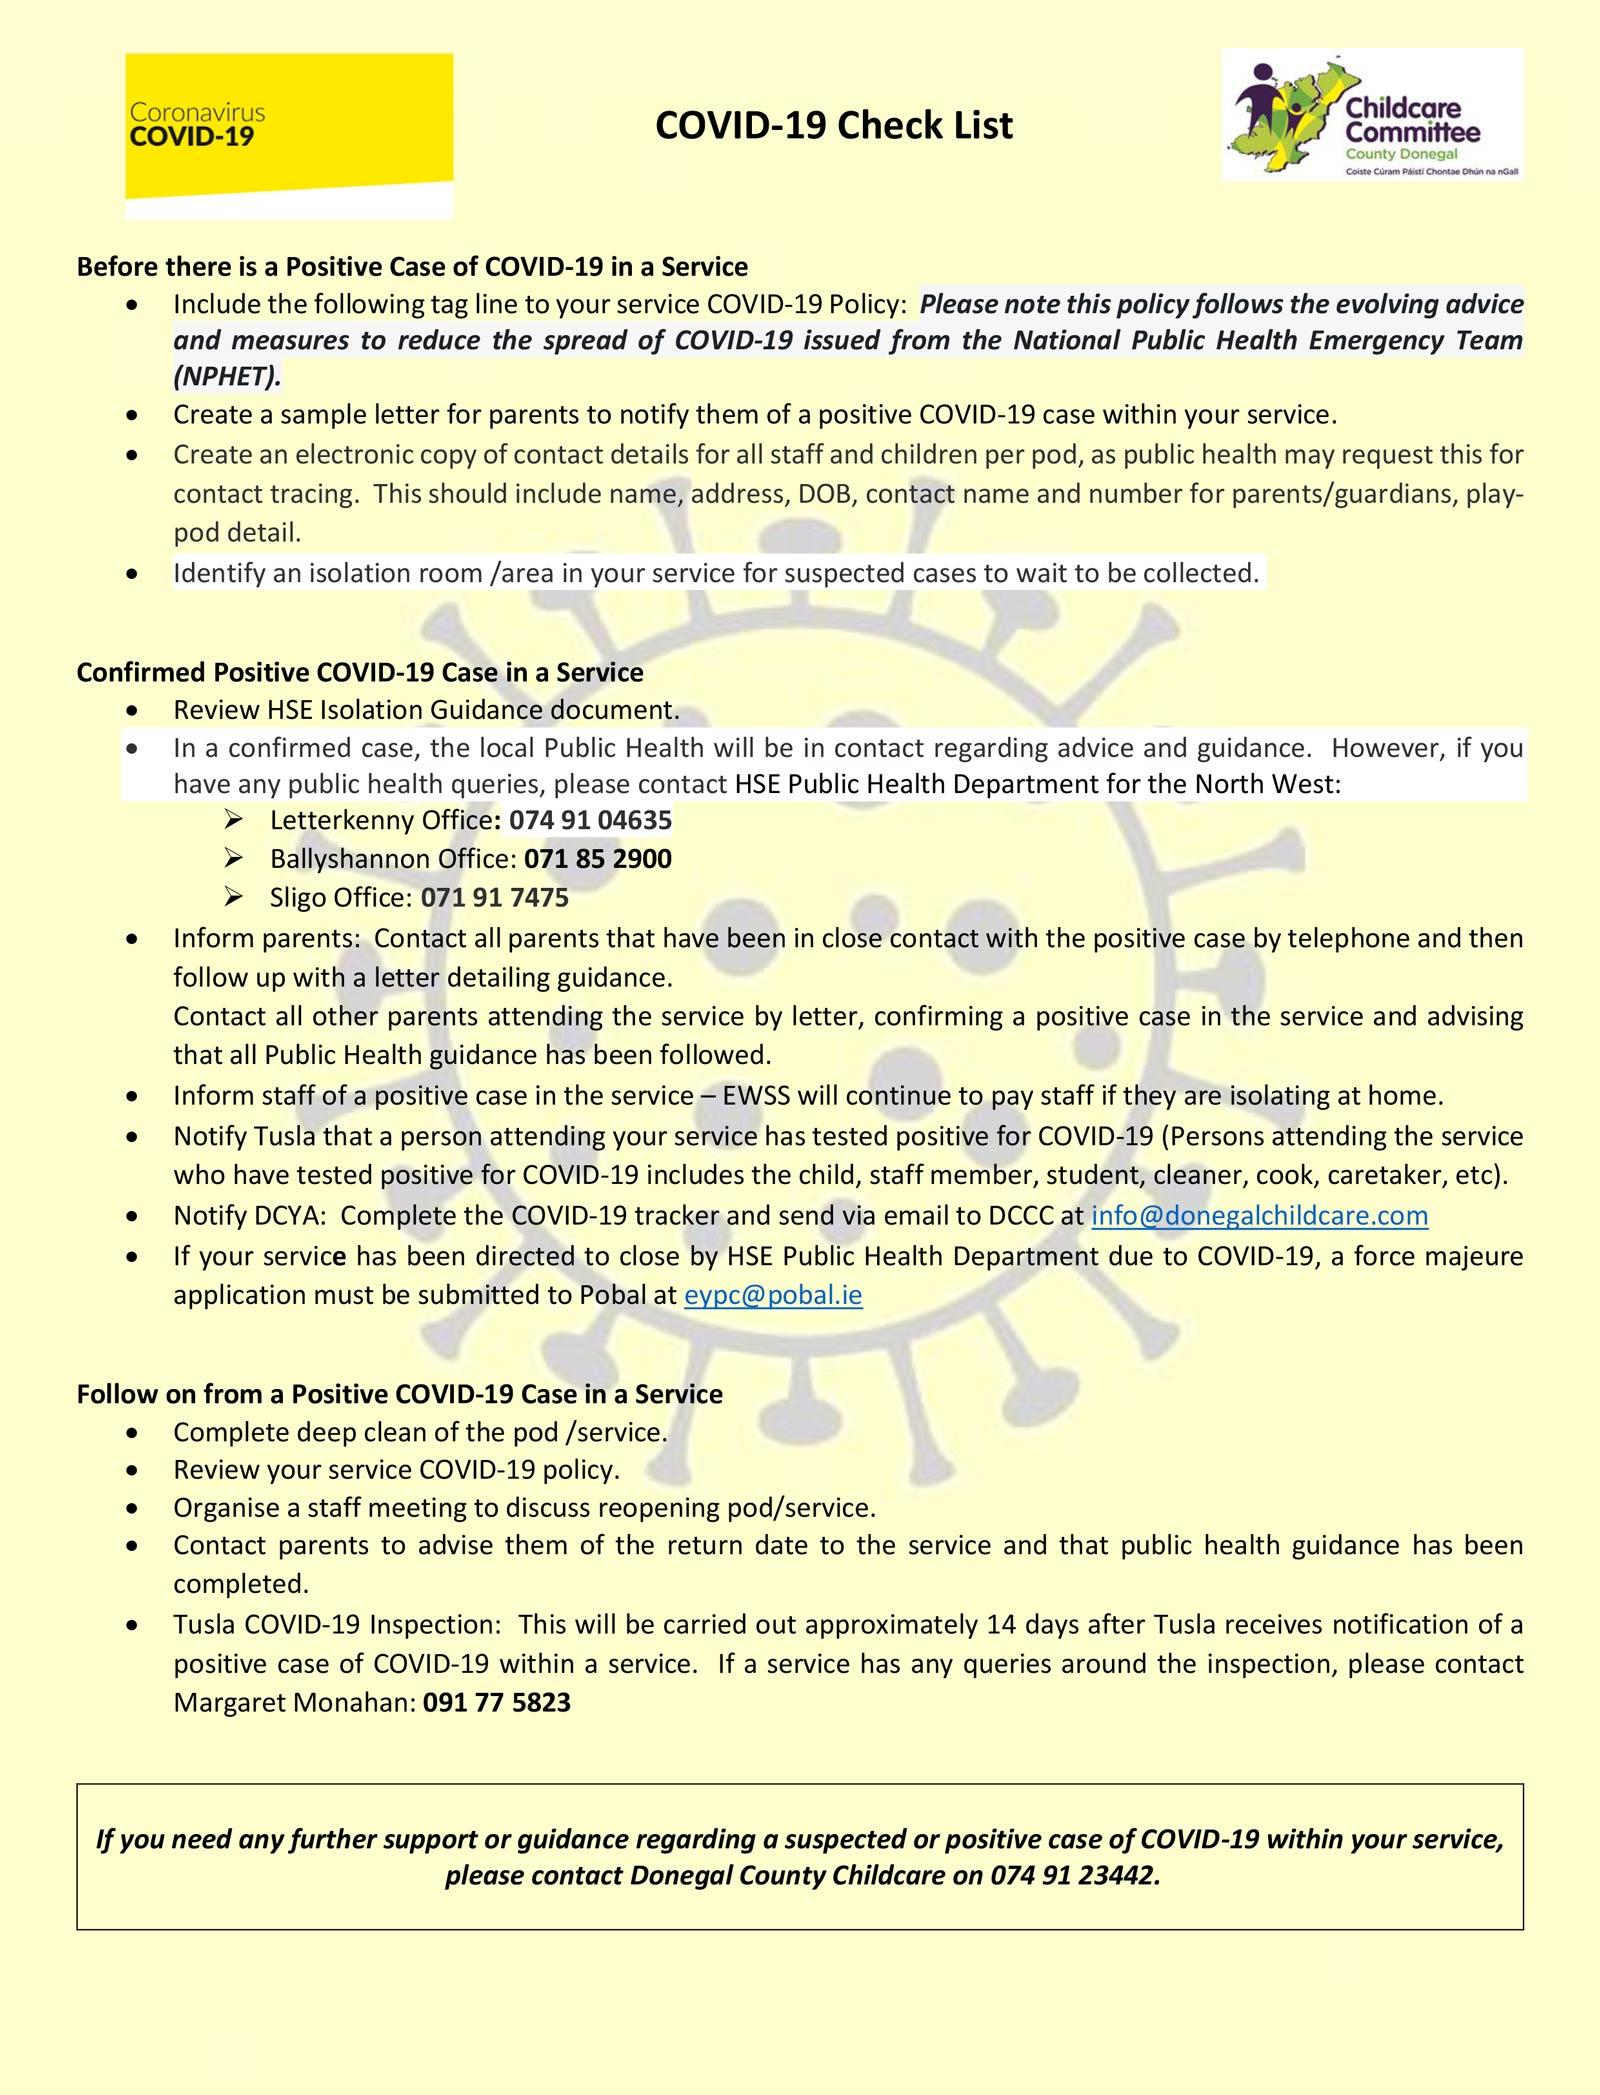 Covid 19 Checklist 1